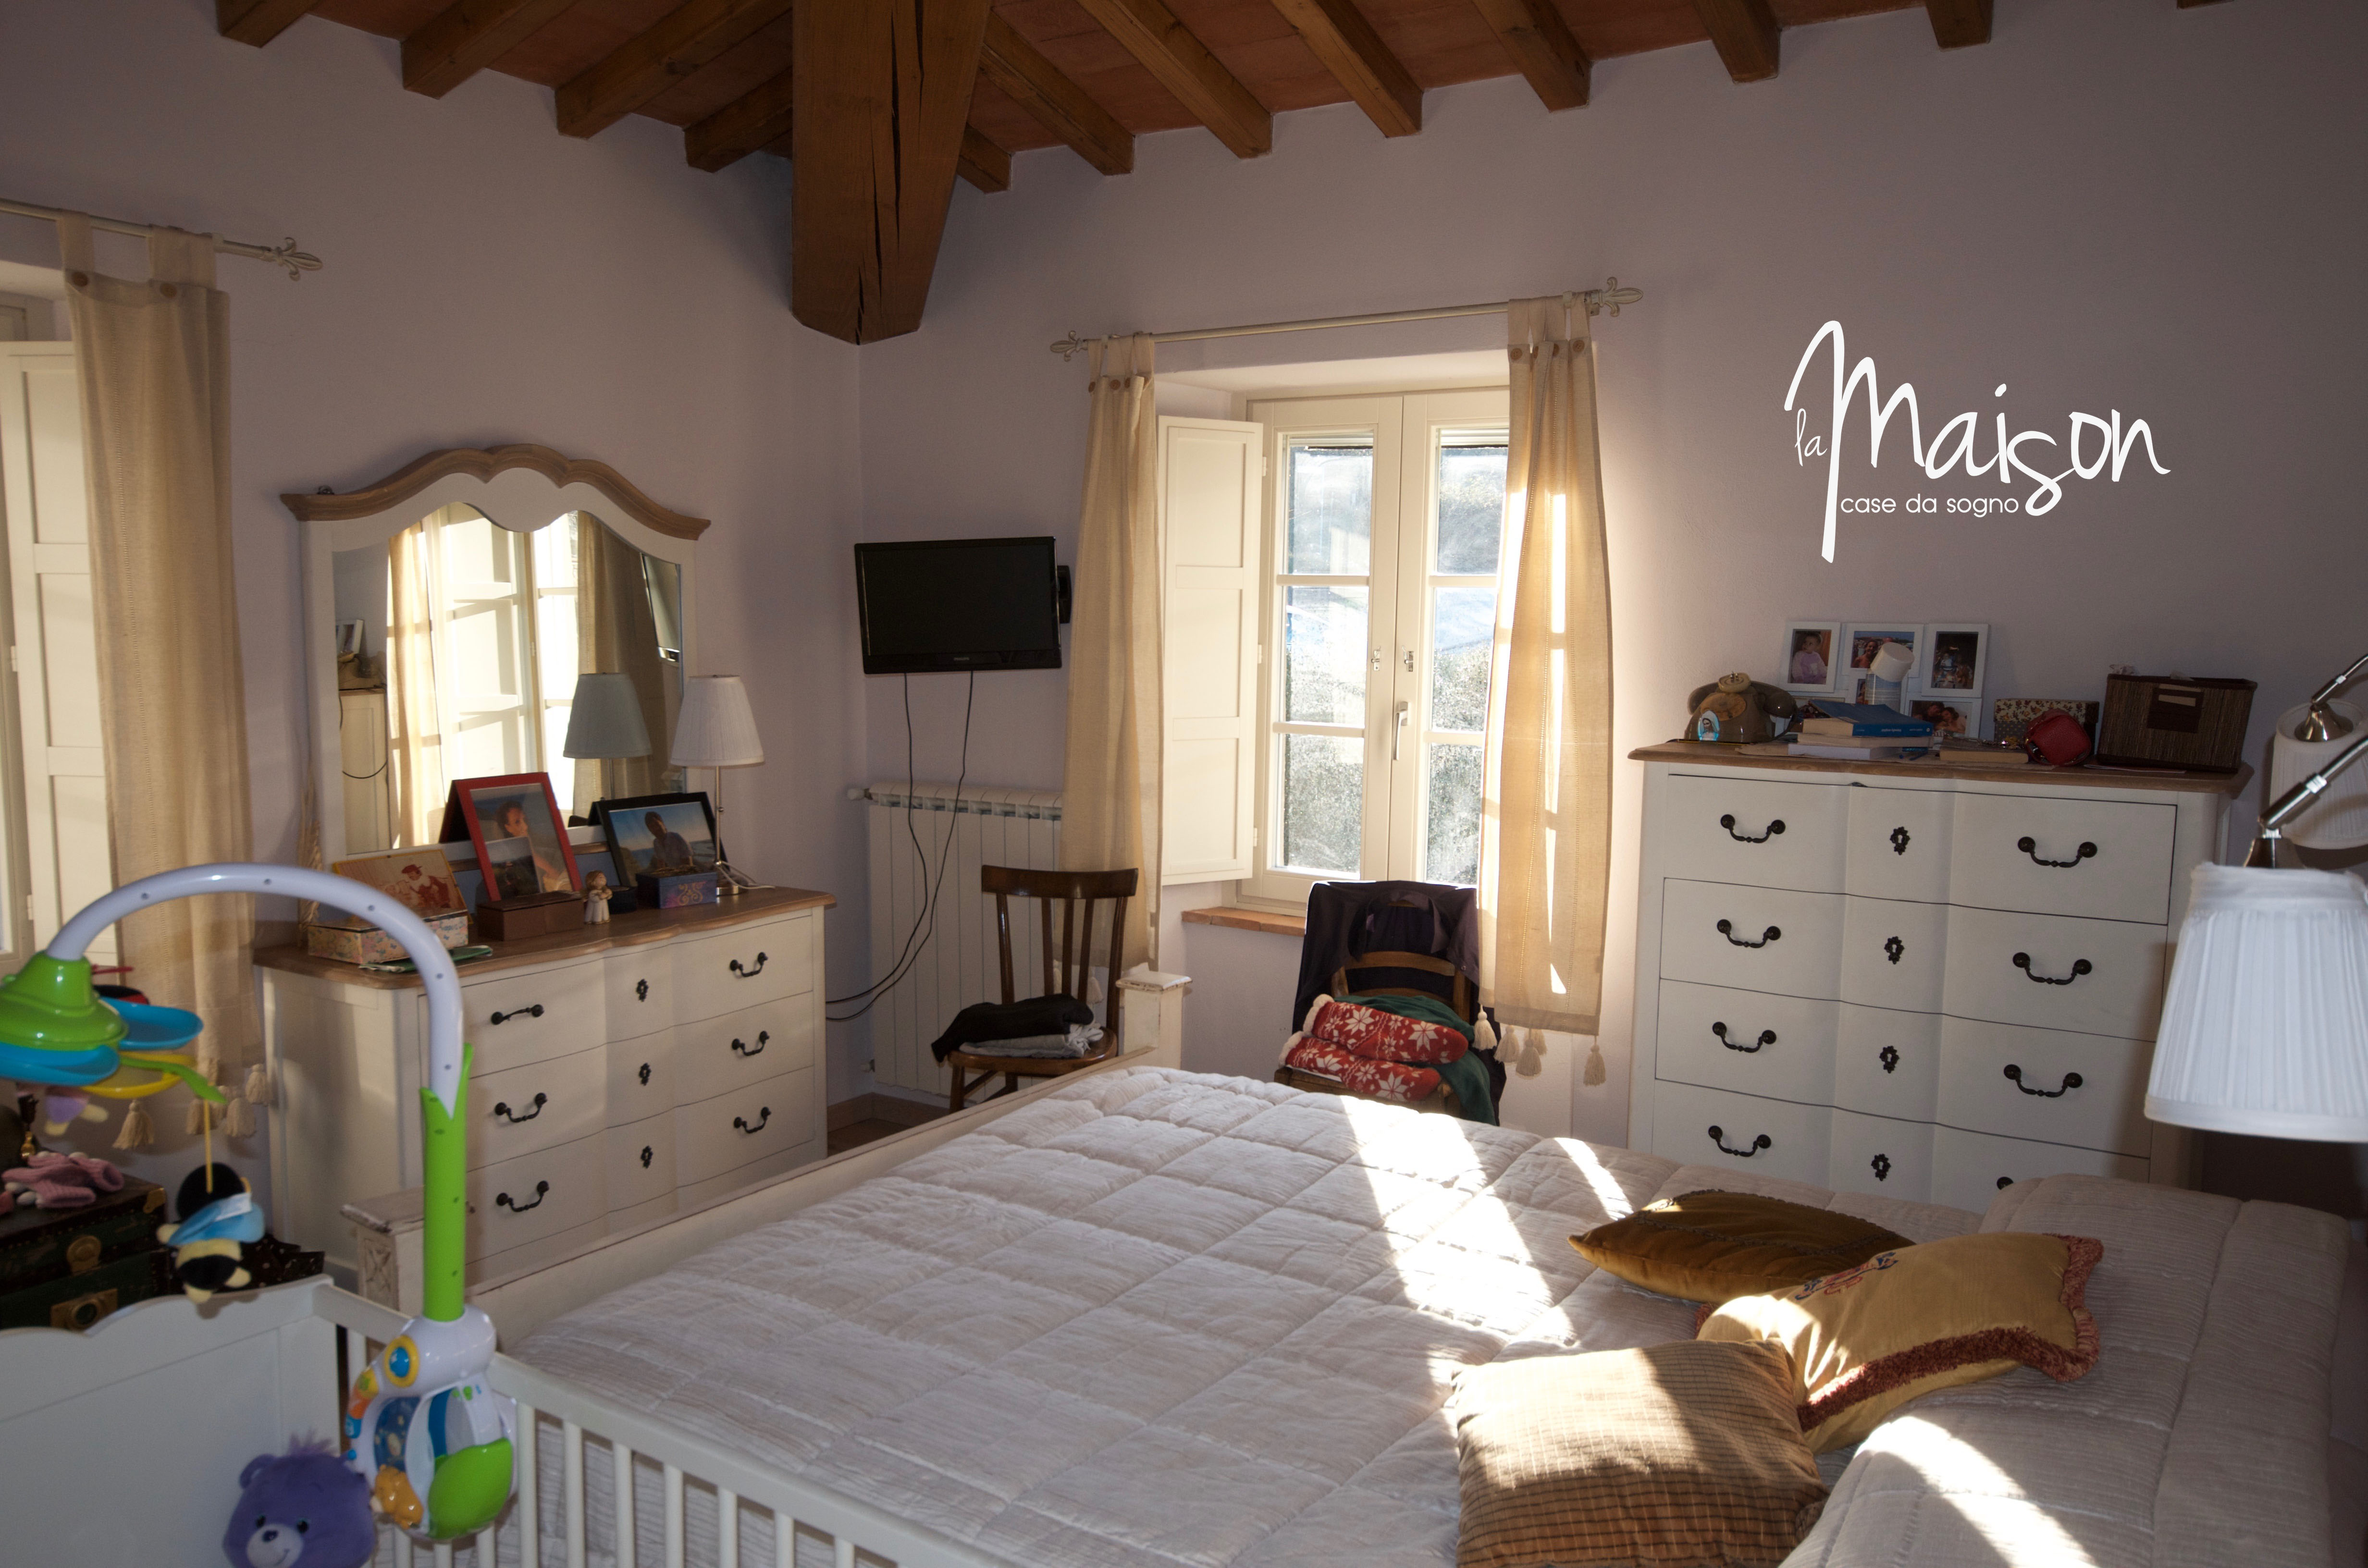 casa vendita vaiano colonica la maison case da sogno agenzia immobiliare prato27 l 39 agenzia 2 0. Black Bedroom Furniture Sets. Home Design Ideas